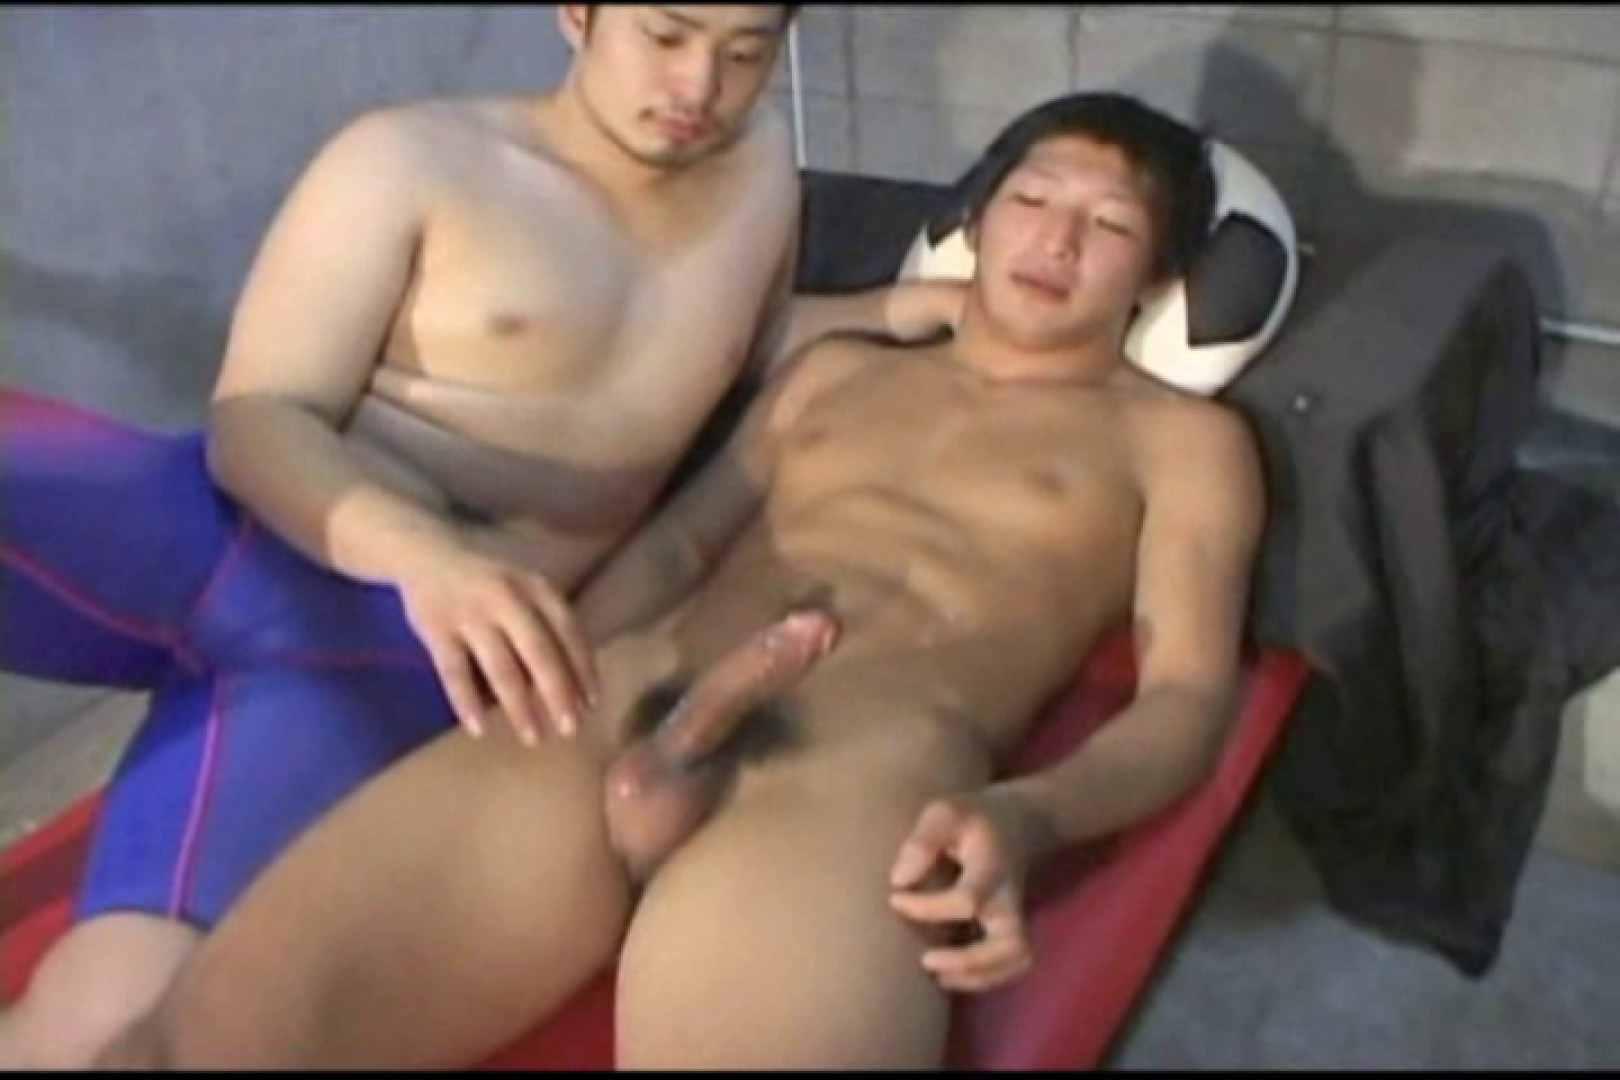 機械室で体育会系男子を手コキ&フェラ!! フェラ ゲイ素人エロ画像 68枚 5